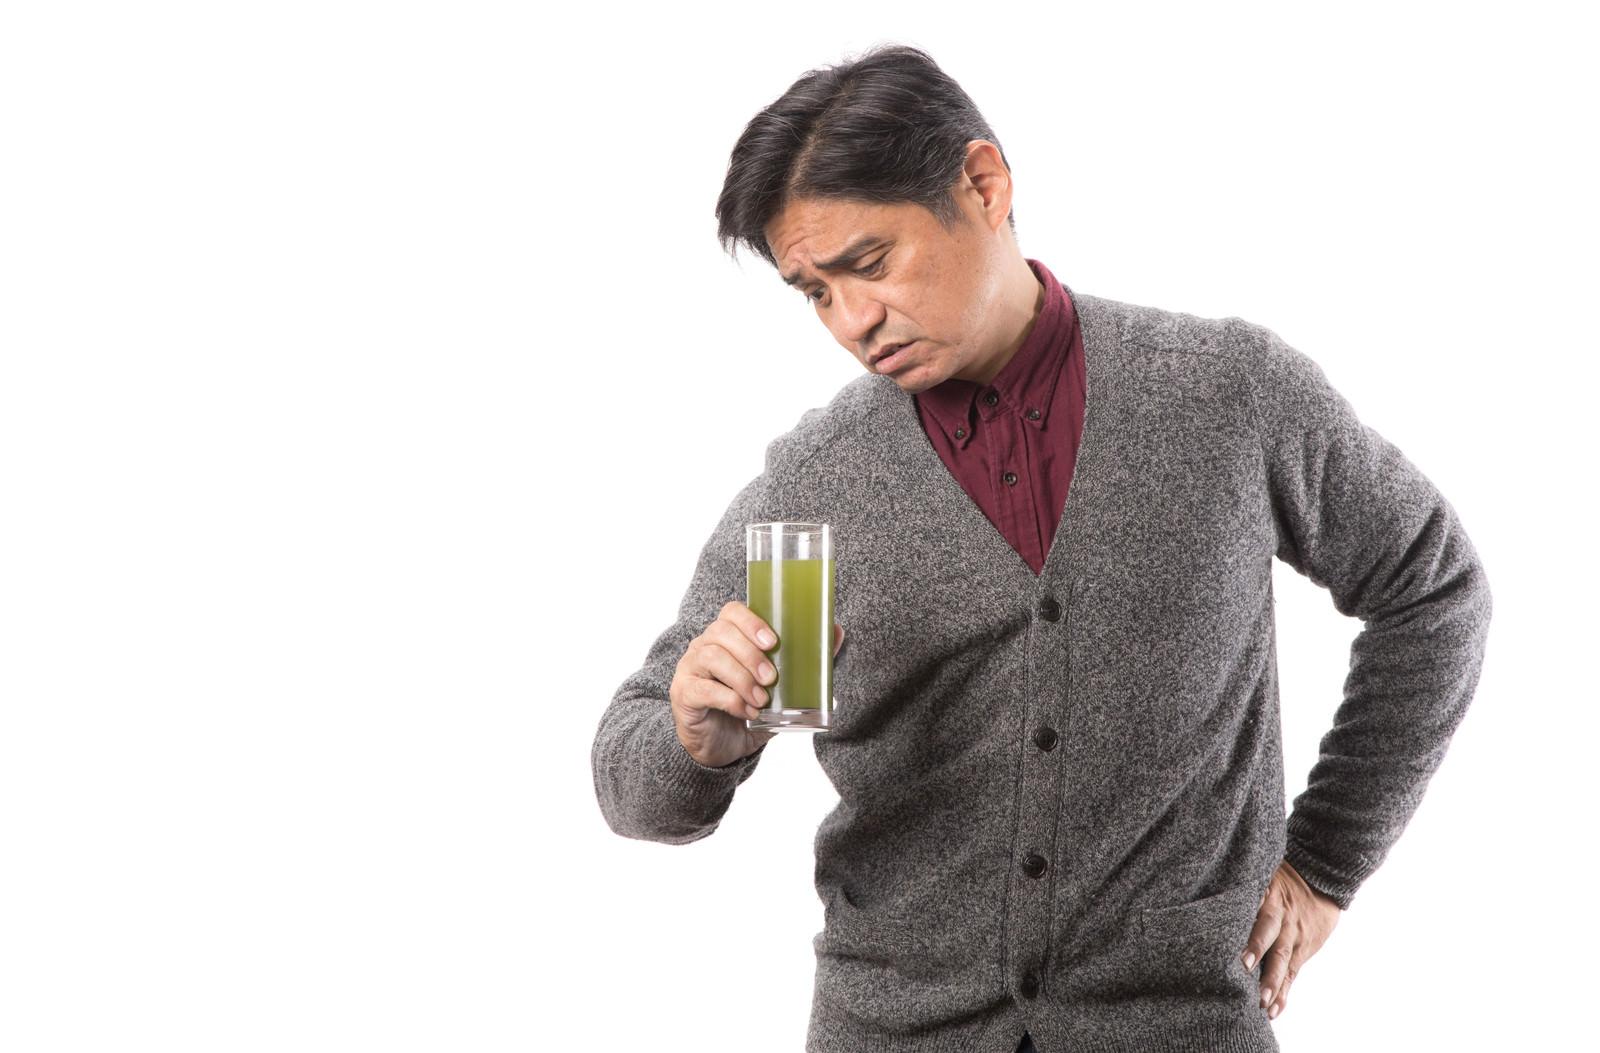 「コップに入った青汁を覗き込む中年男性」の写真[モデル:よたか]